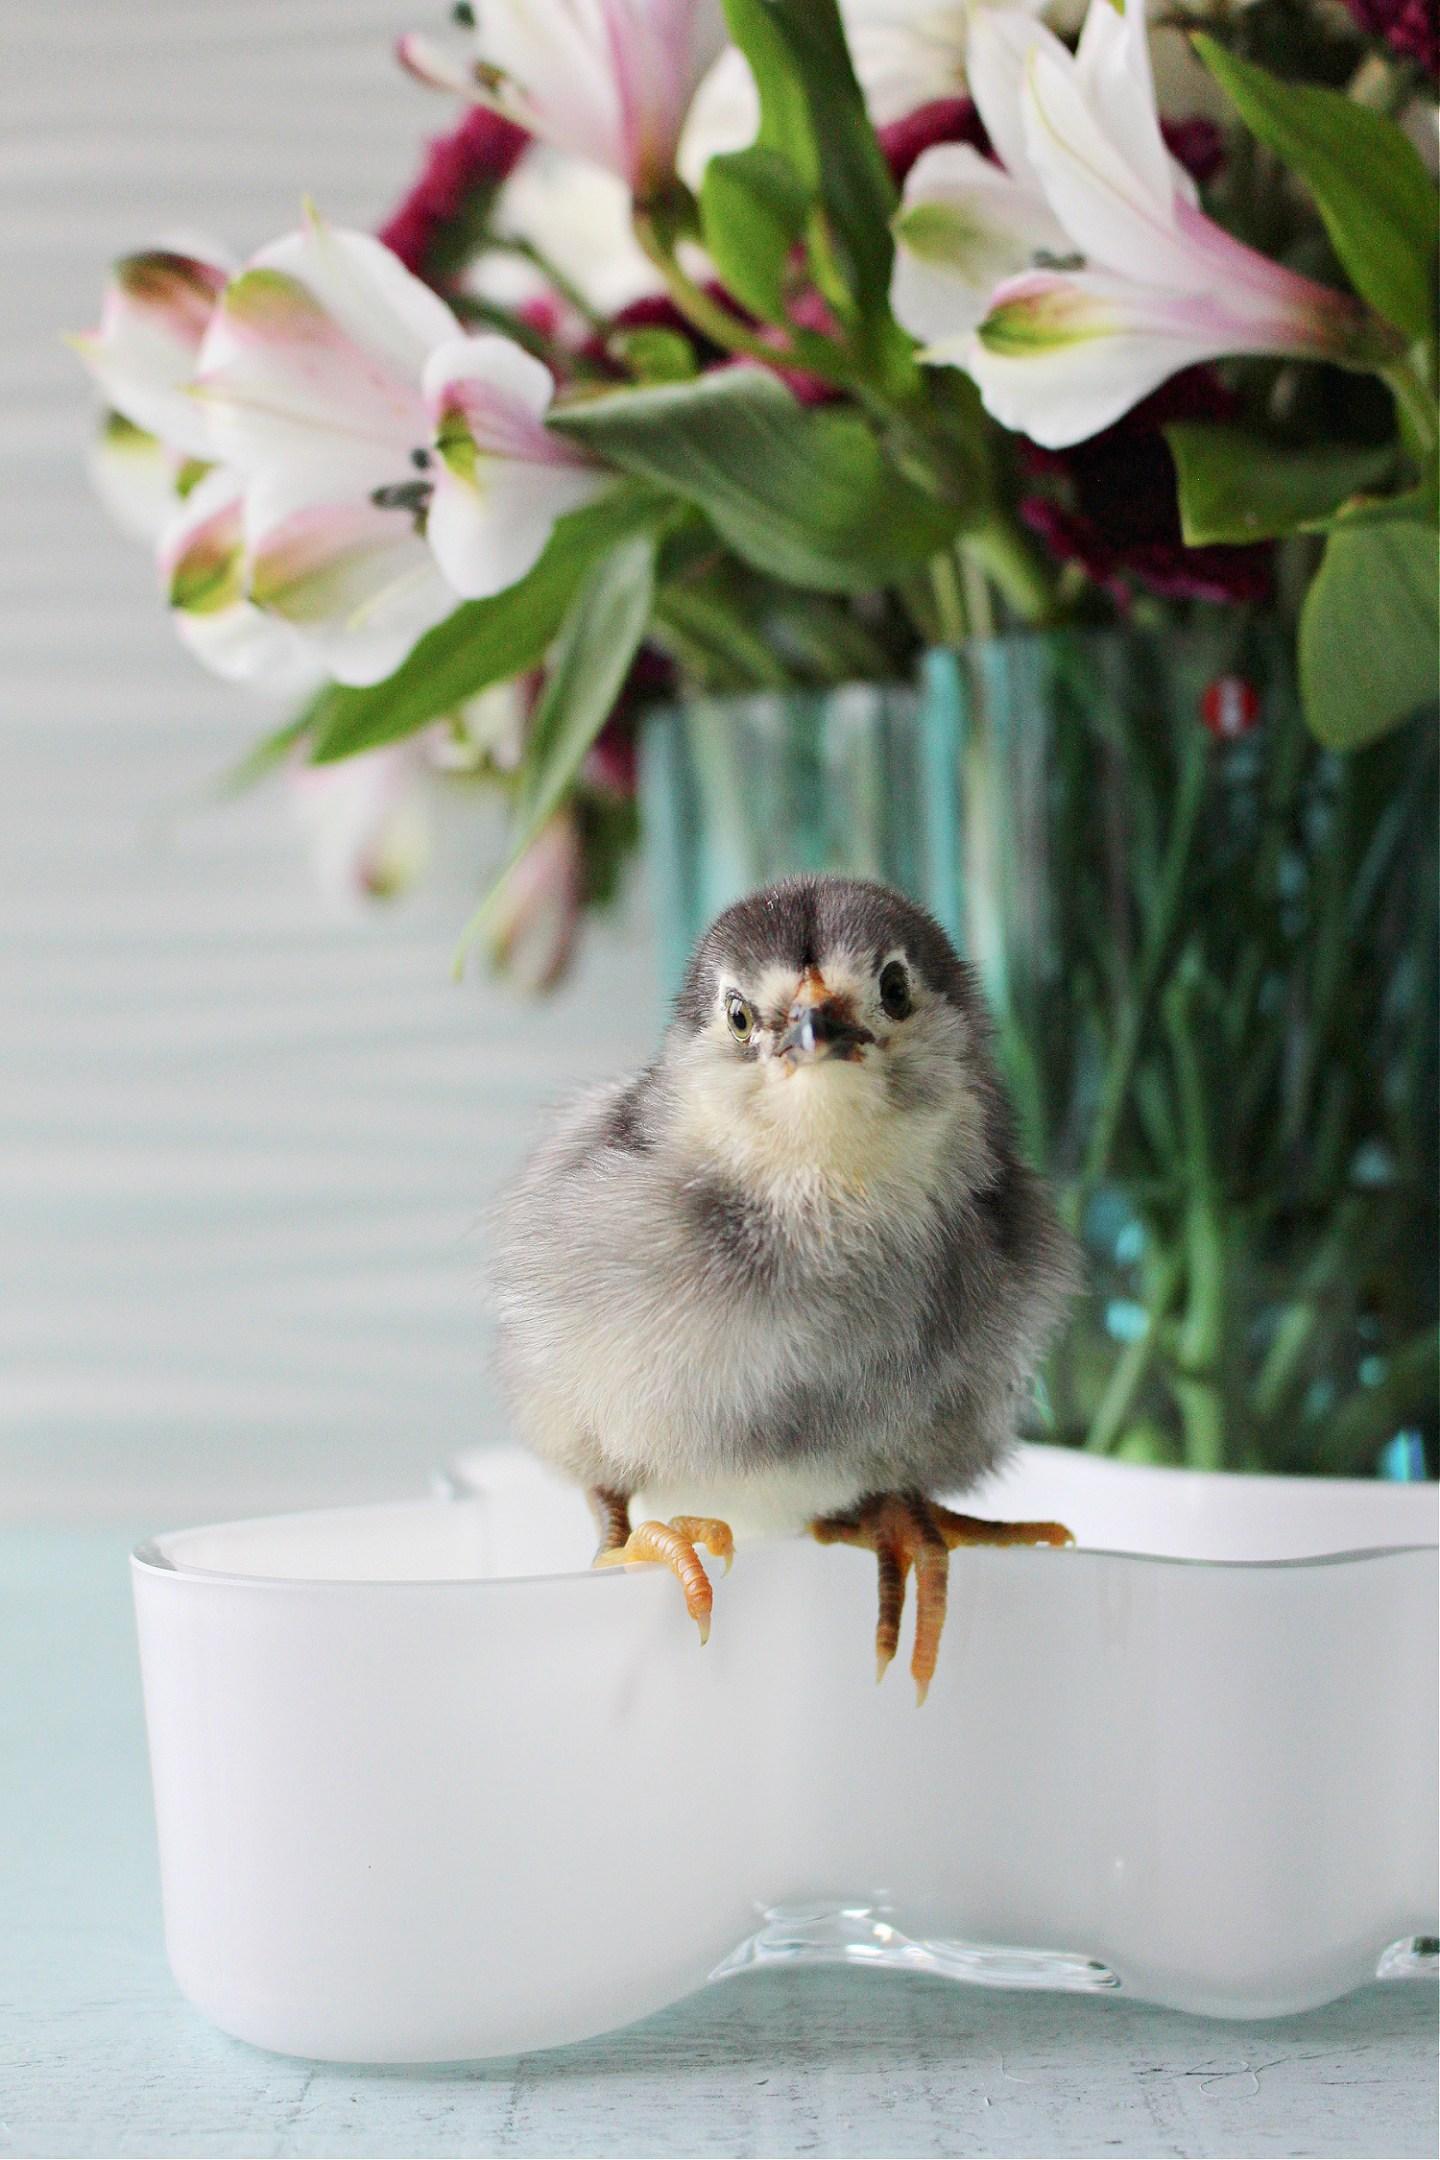 adorable chick photos